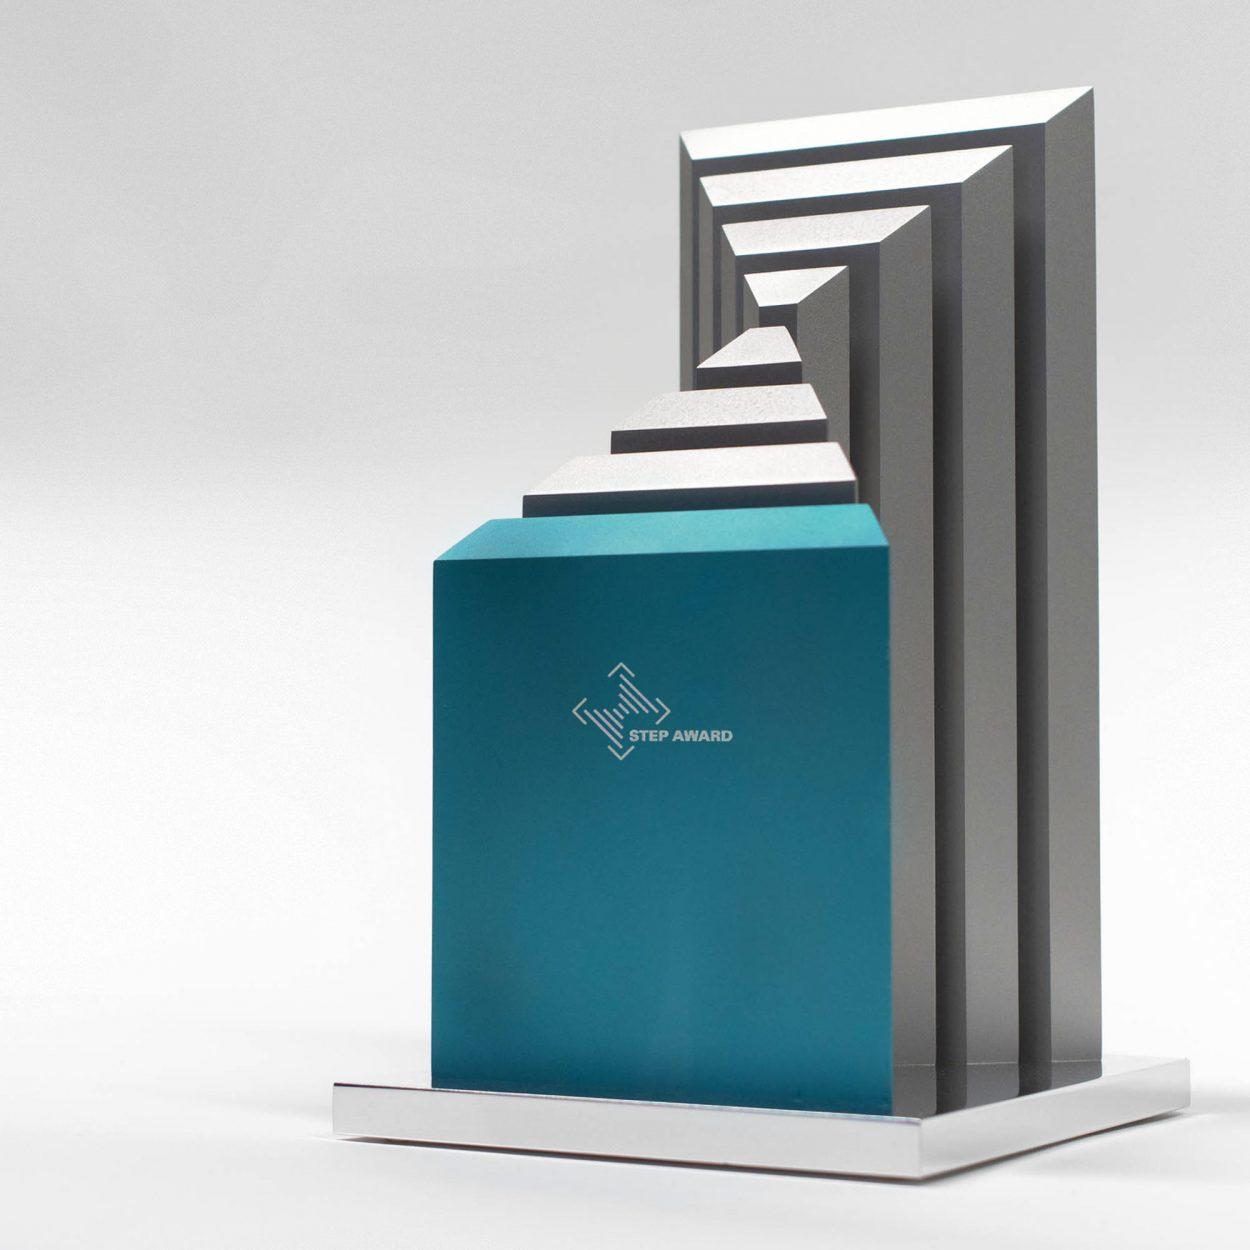 Design und Umsetzung des Step Award Trophäe des FAZ Instituts